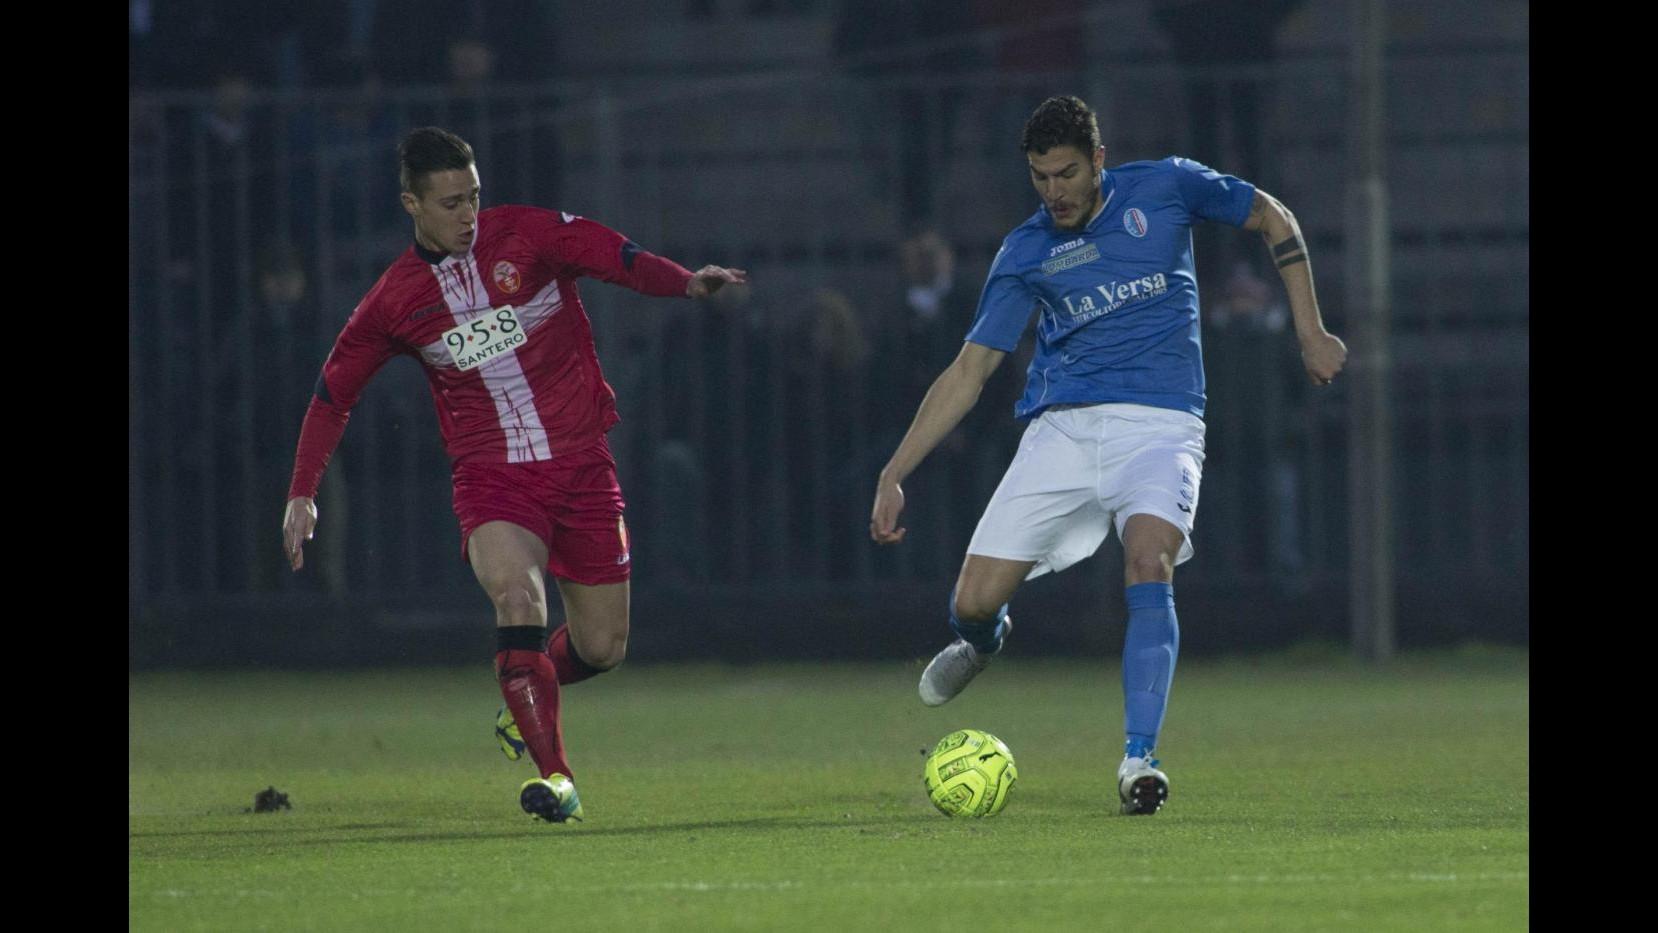 Lega Pro, Pavia vince contro il Cuneo 2-0